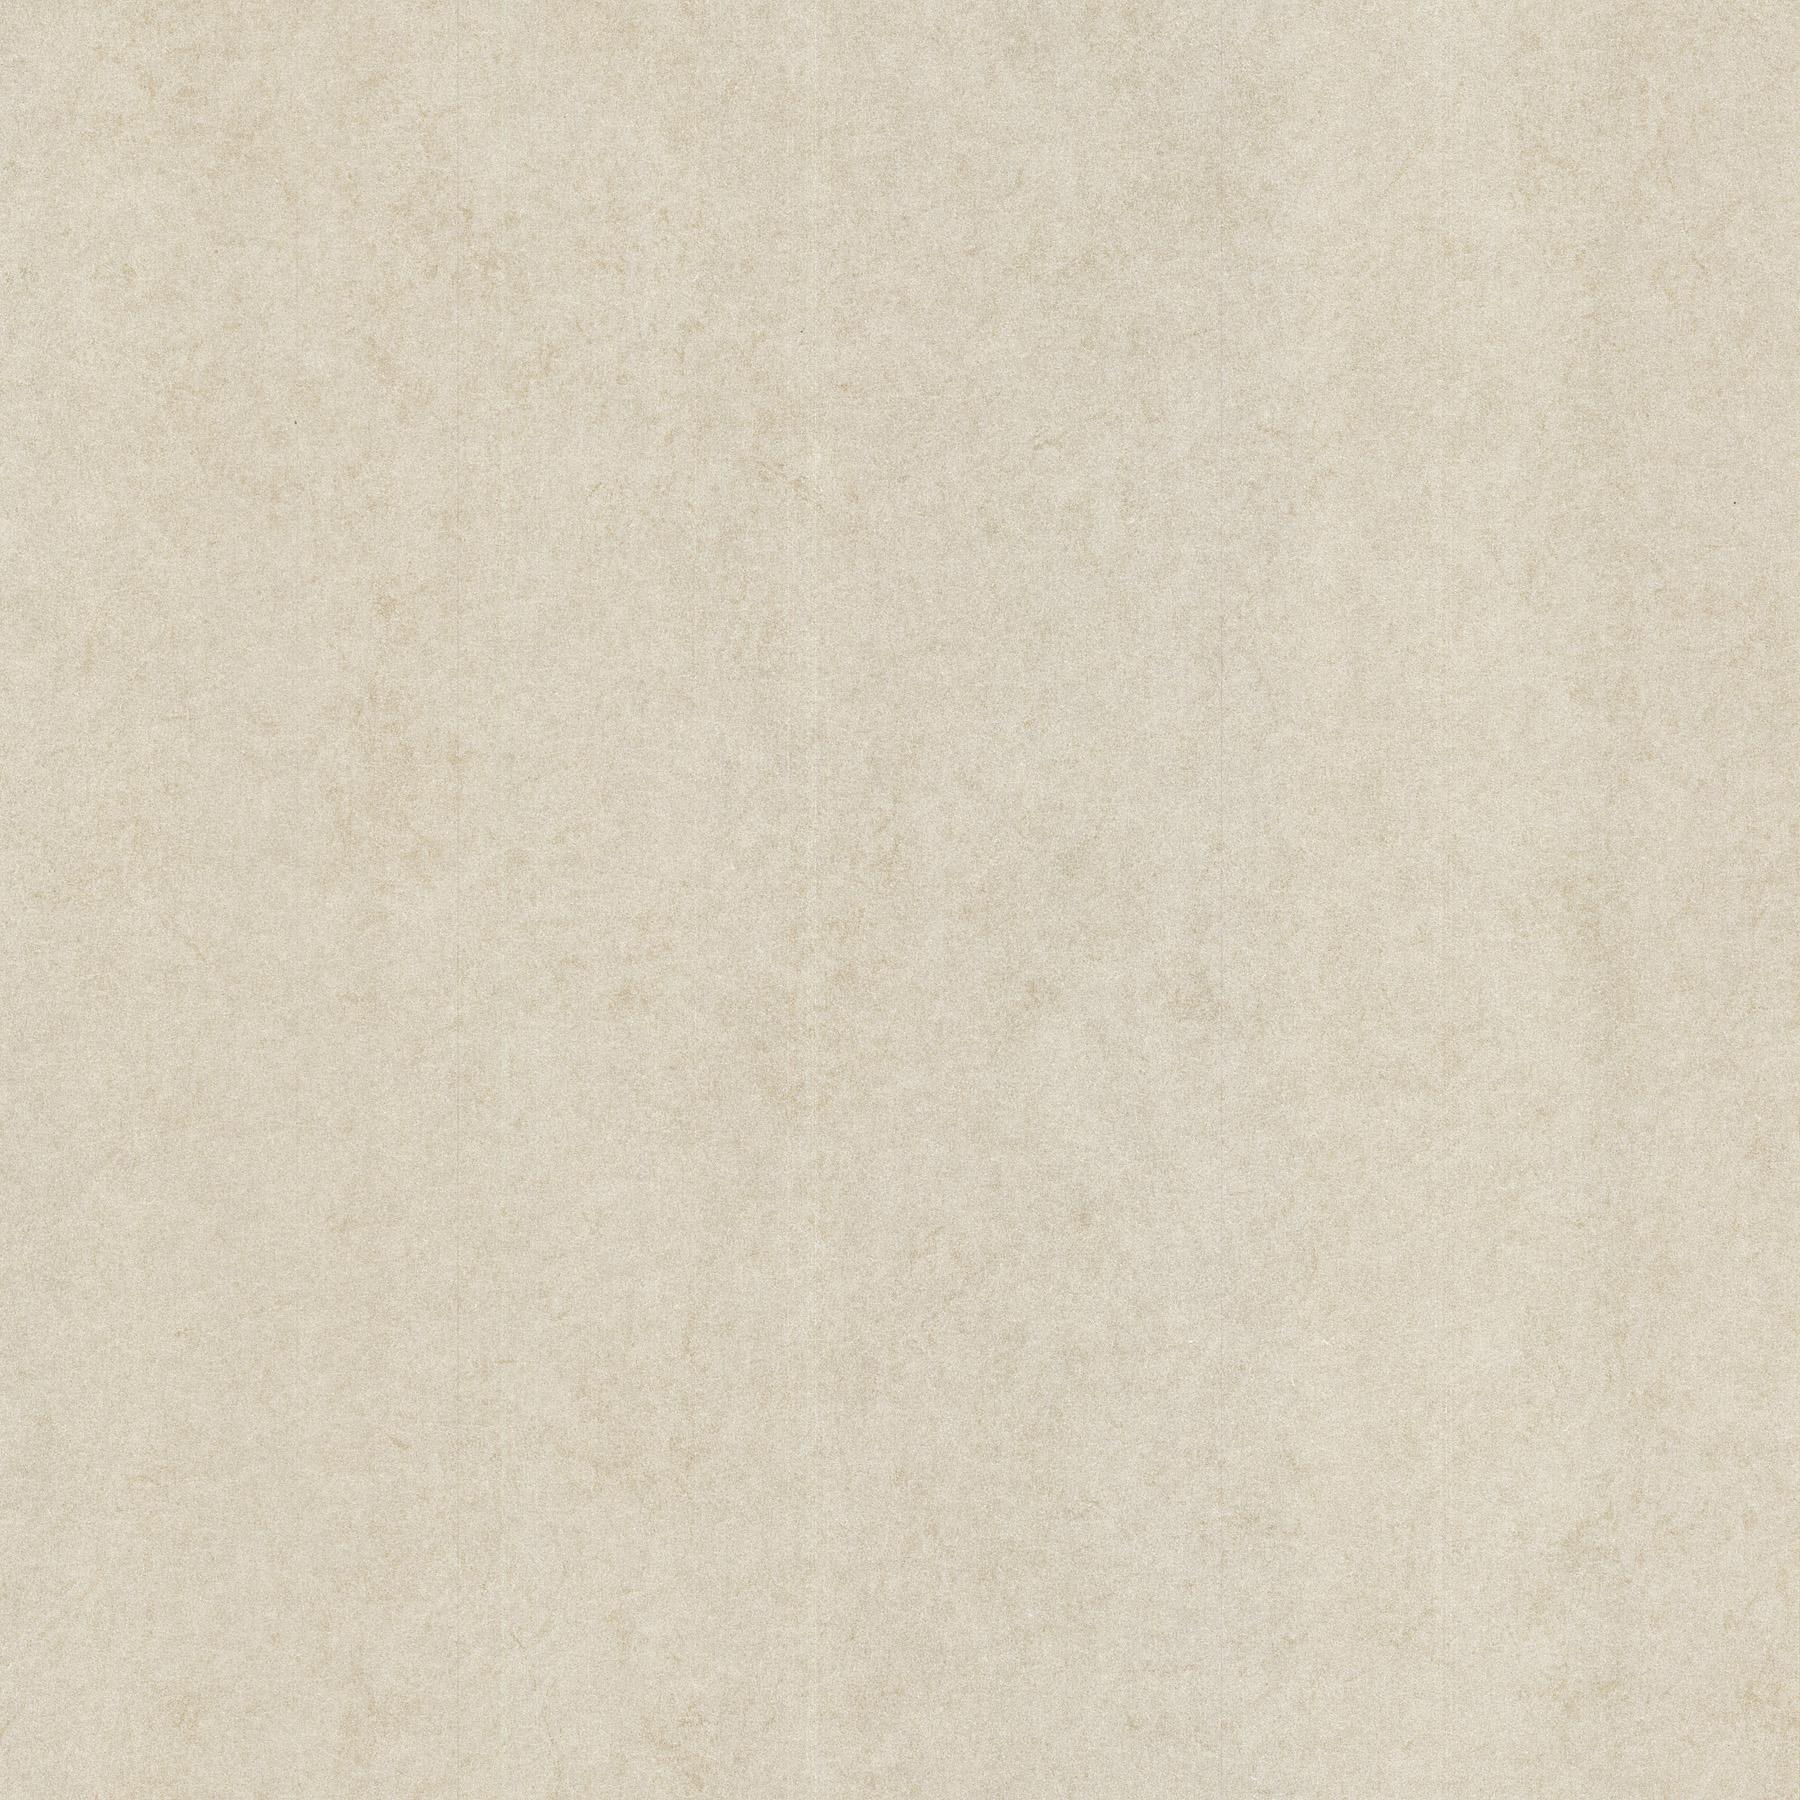 brewster wallpaper pierre beige distressed texture